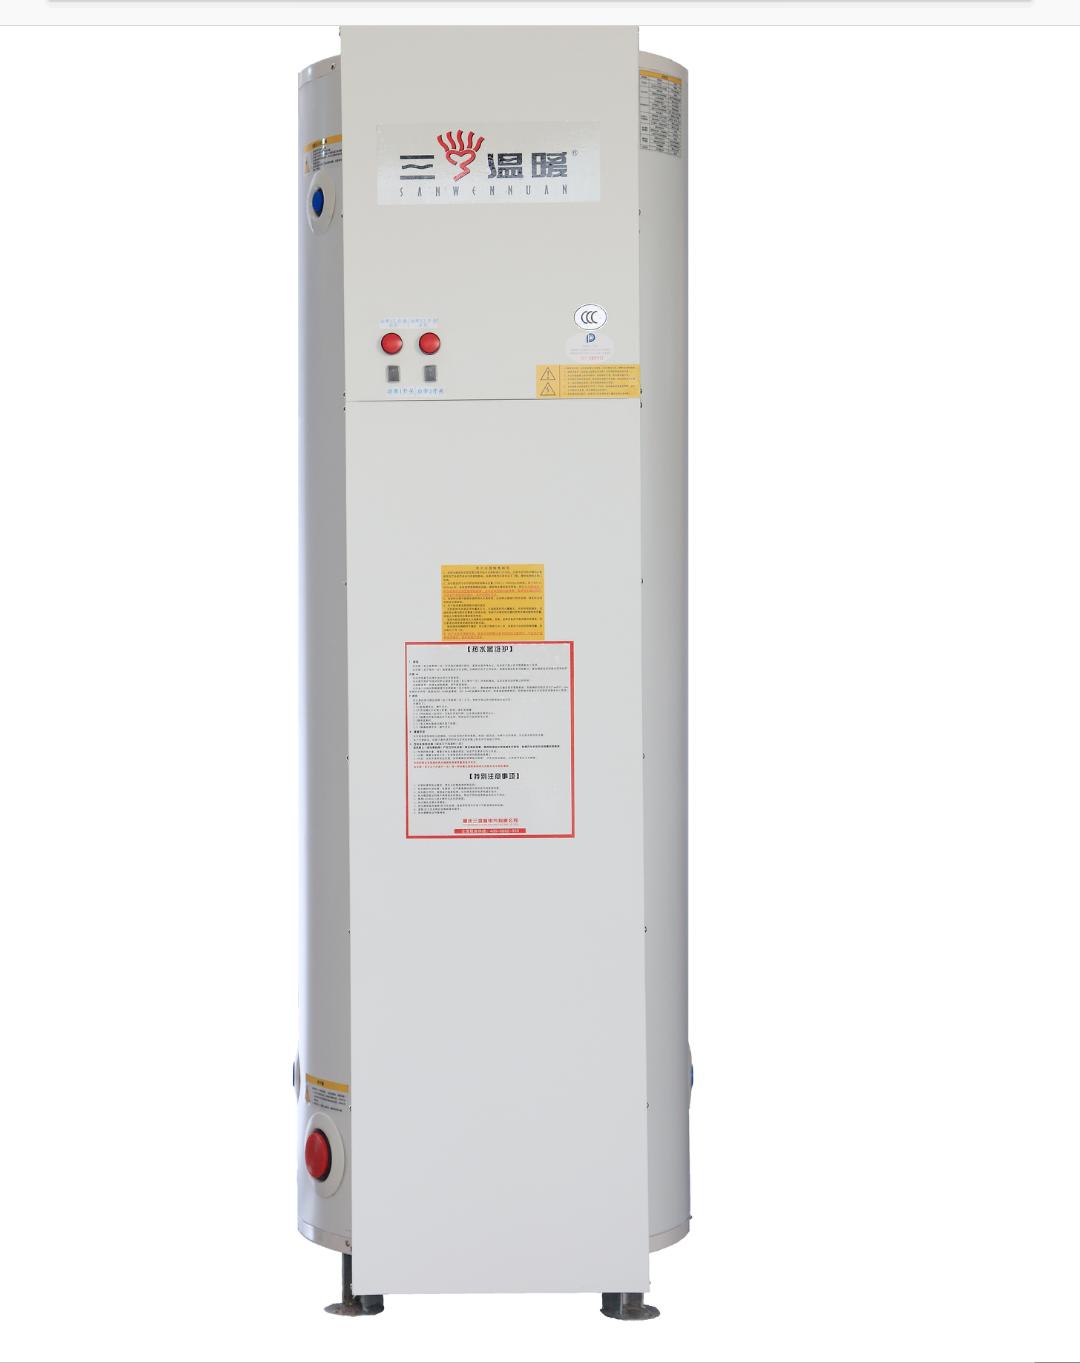 雄安新区美容美发专用电热水器首选三温暖   大功率大容积 节能环保